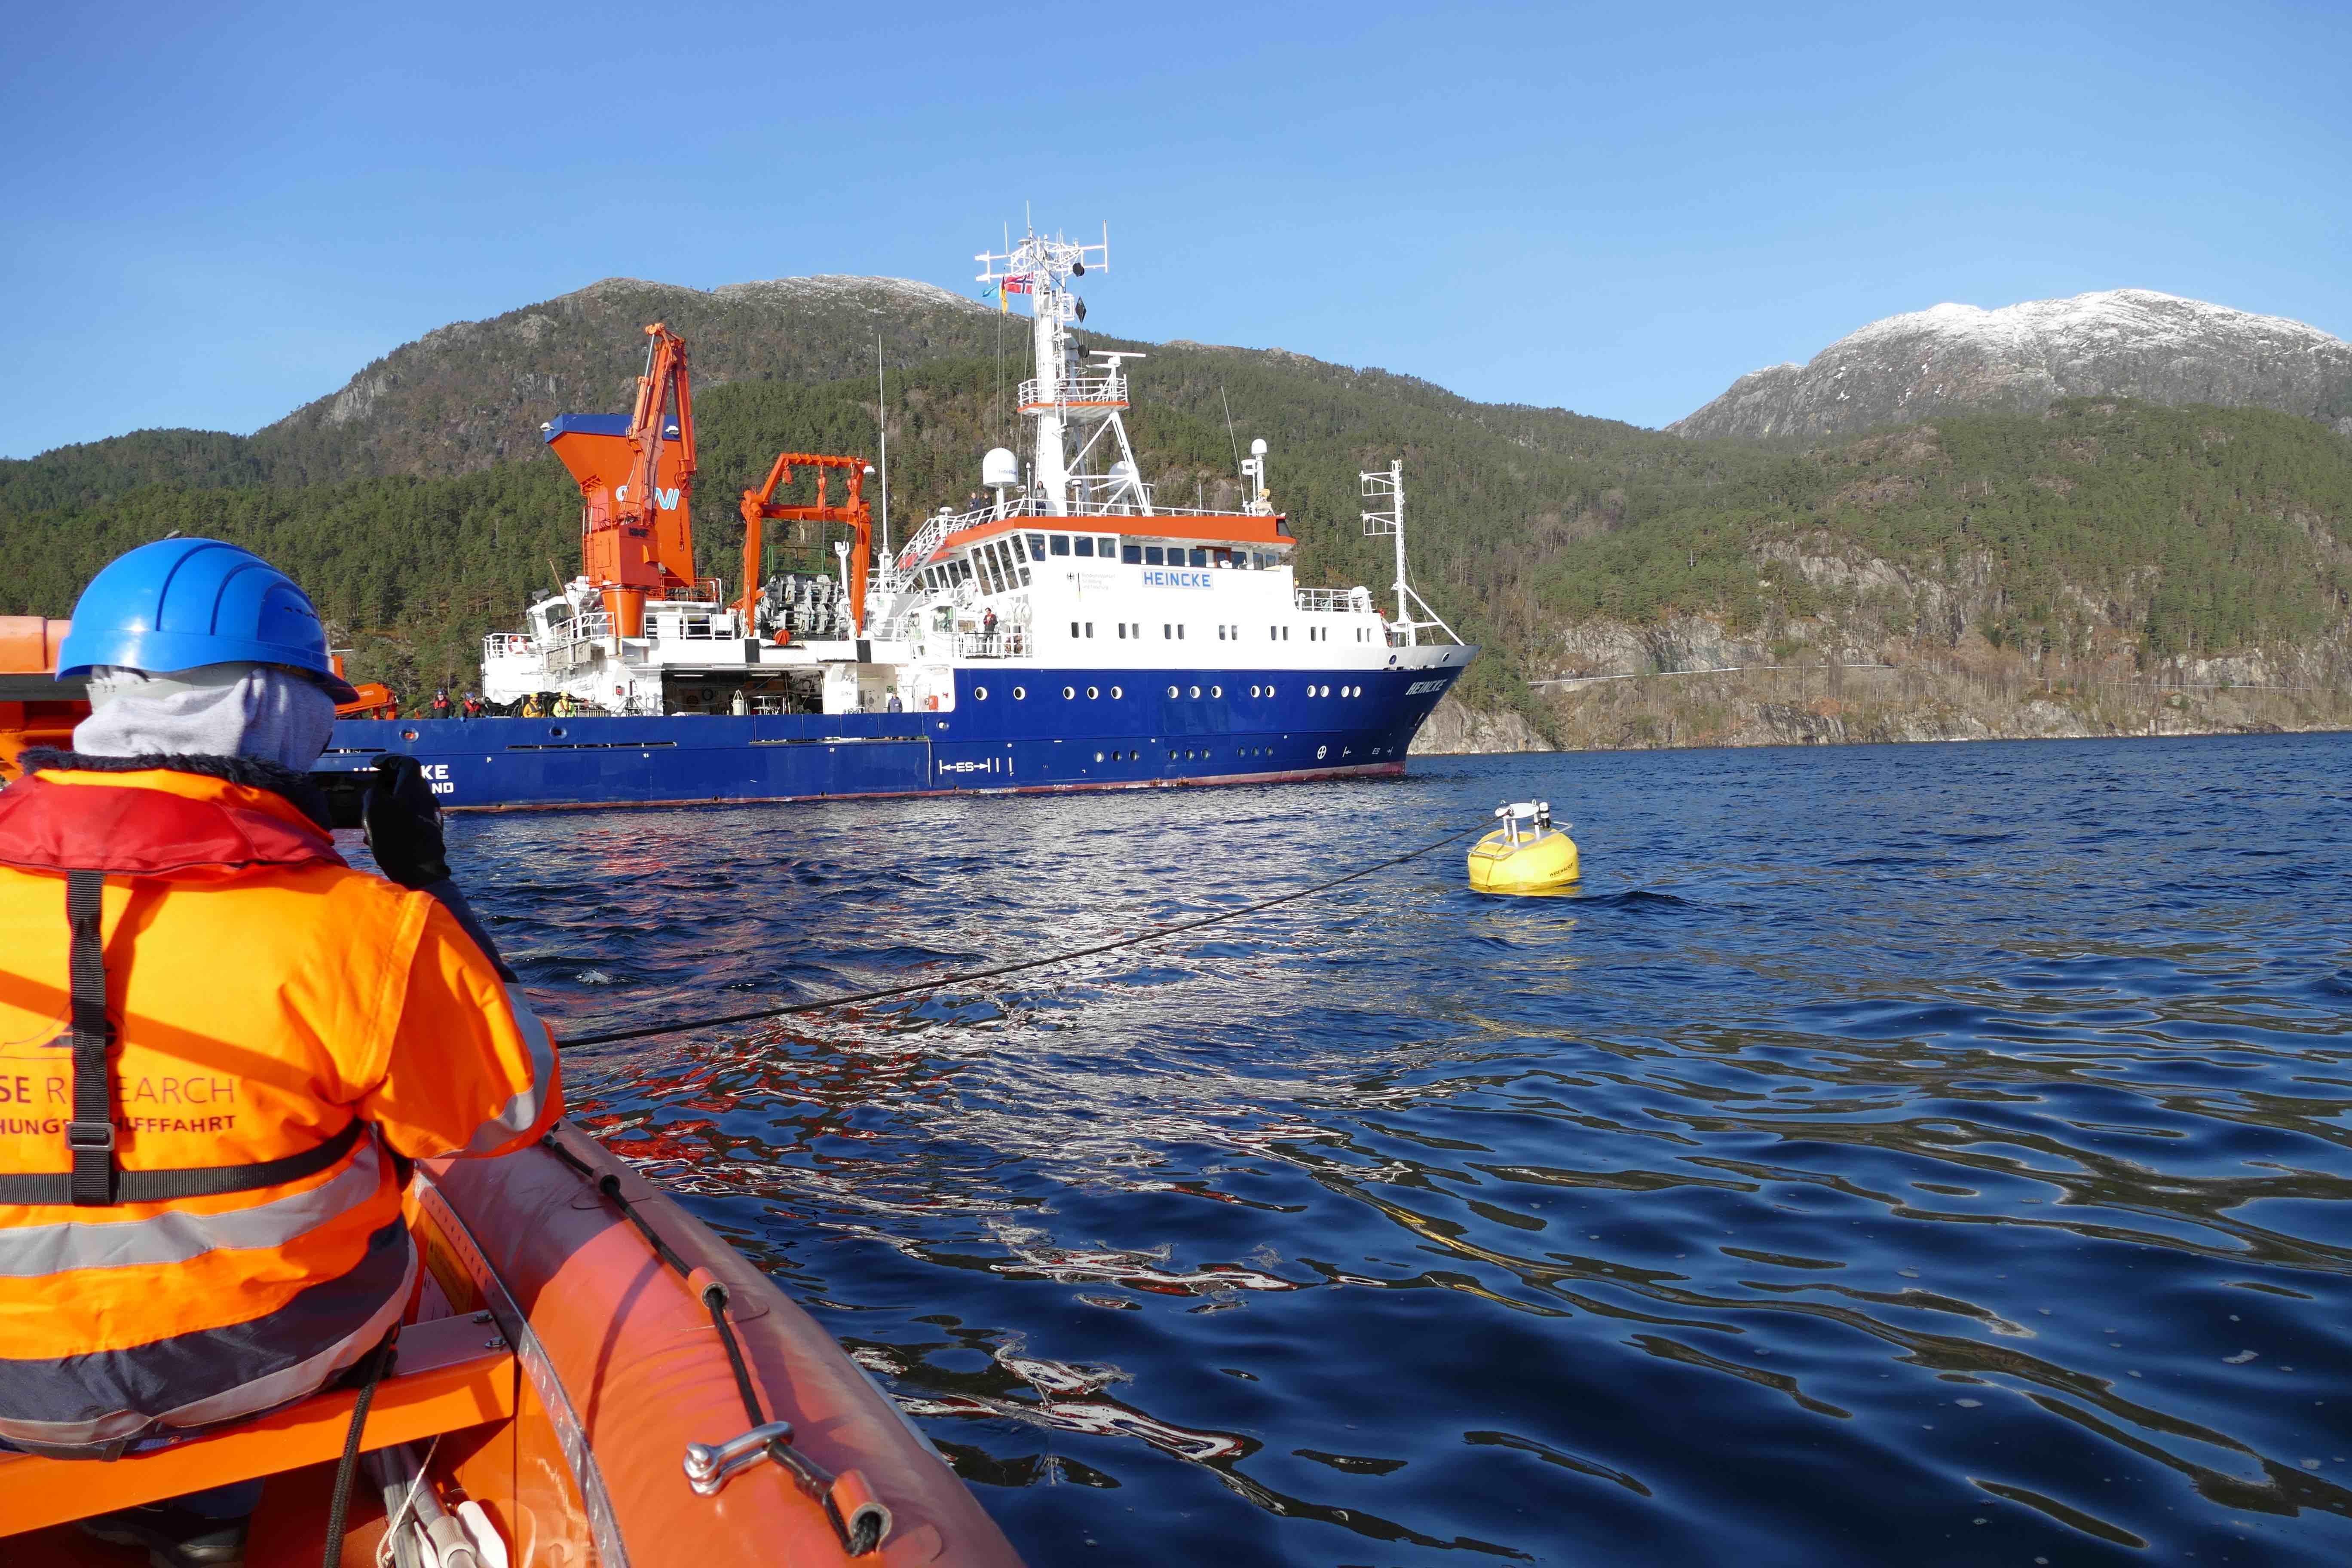 Die Heincke im Masfjord beim Bergen einer Verankerung des WireWalker mit einer profilierenden CPICS-Kamera des HZG. Foto: Saskia Rühl